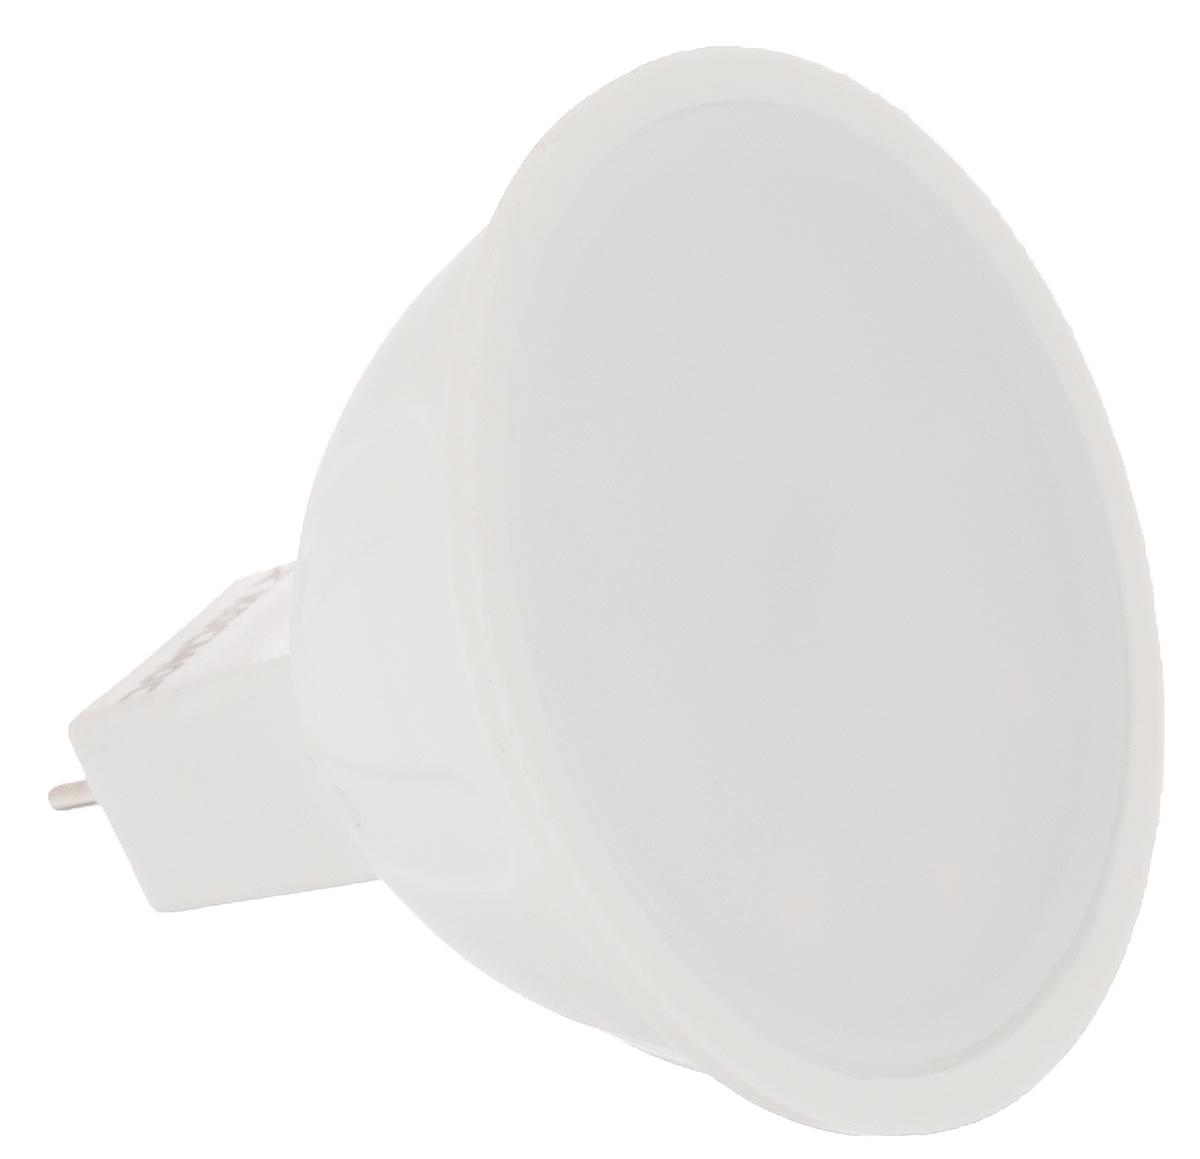 Светодиодная лампа Kosmos, белый свет, цоколь GU5.3, 5WC0027374Энергосберегающая лампа Kosmos - это инновационное решение, разработанное на основе новейших светодиодных технологий (LED) для эффективной замены любых видов галогенных или обыкновенных ламп накаливания во всех типах осветительных приборов. Она хорошо подойдет для создания рабочей атмосферыв производственных и общественных зданиях, спортивных и торговых залах, в офисах и учреждениях. Лампа не содержит ртути и других вредных веществ, экологически безопасна и не требует утилизации, не выделяет при работе ультрафиолетовое и инфракрасное излучение. Исполнена в пластиковом корпусе. Оснащена рефлекторным рассеивателем.Напряжение: 220-240 В. Использовать при температуре: от -40° до +50°.